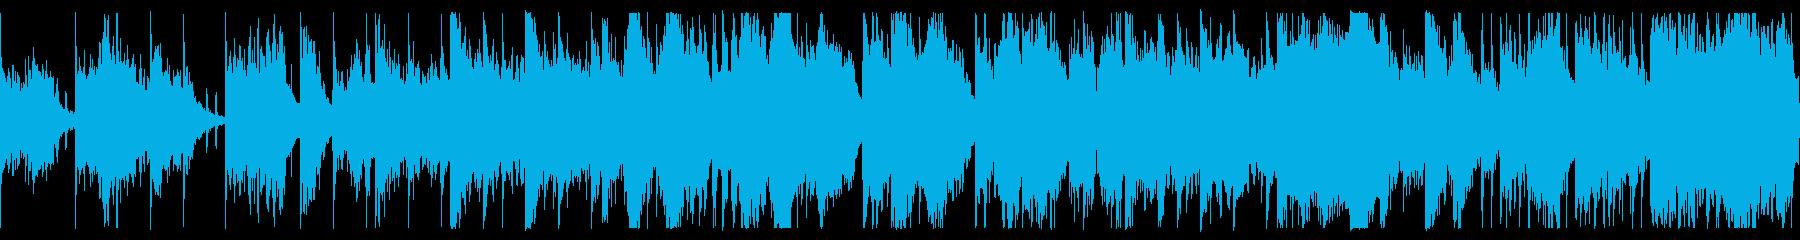 淡々としたダークな背景ループ 恐怖の演出の再生済みの波形